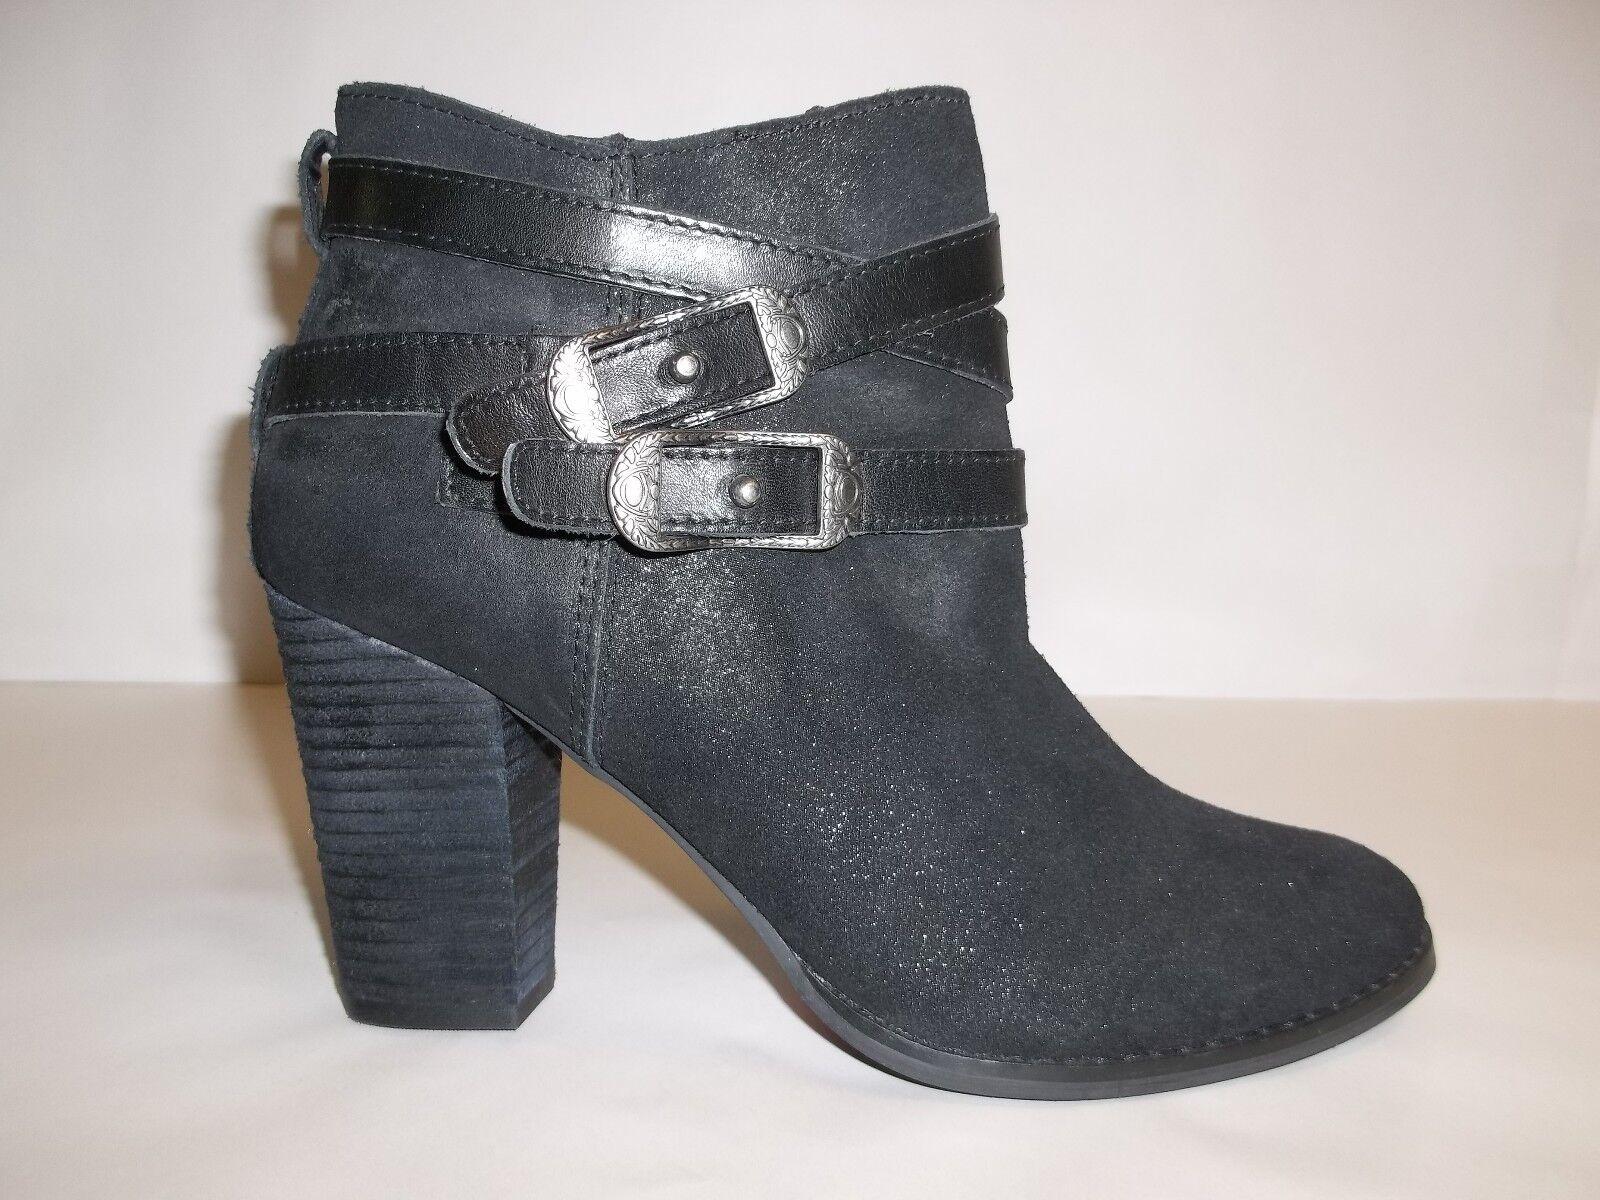 negozio online Reba Dimensione 8 M M M ZANIA nero Leather Ankle stivali New donna scarpe  qualità garantita